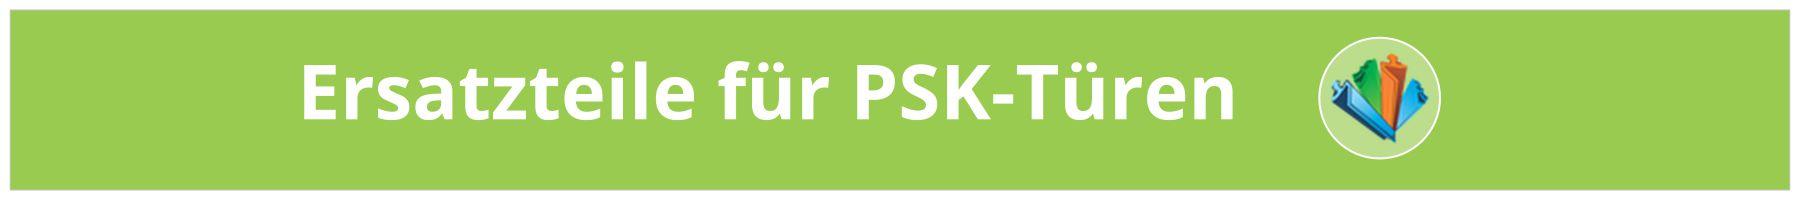 Ersatzteile für PSK-Türen